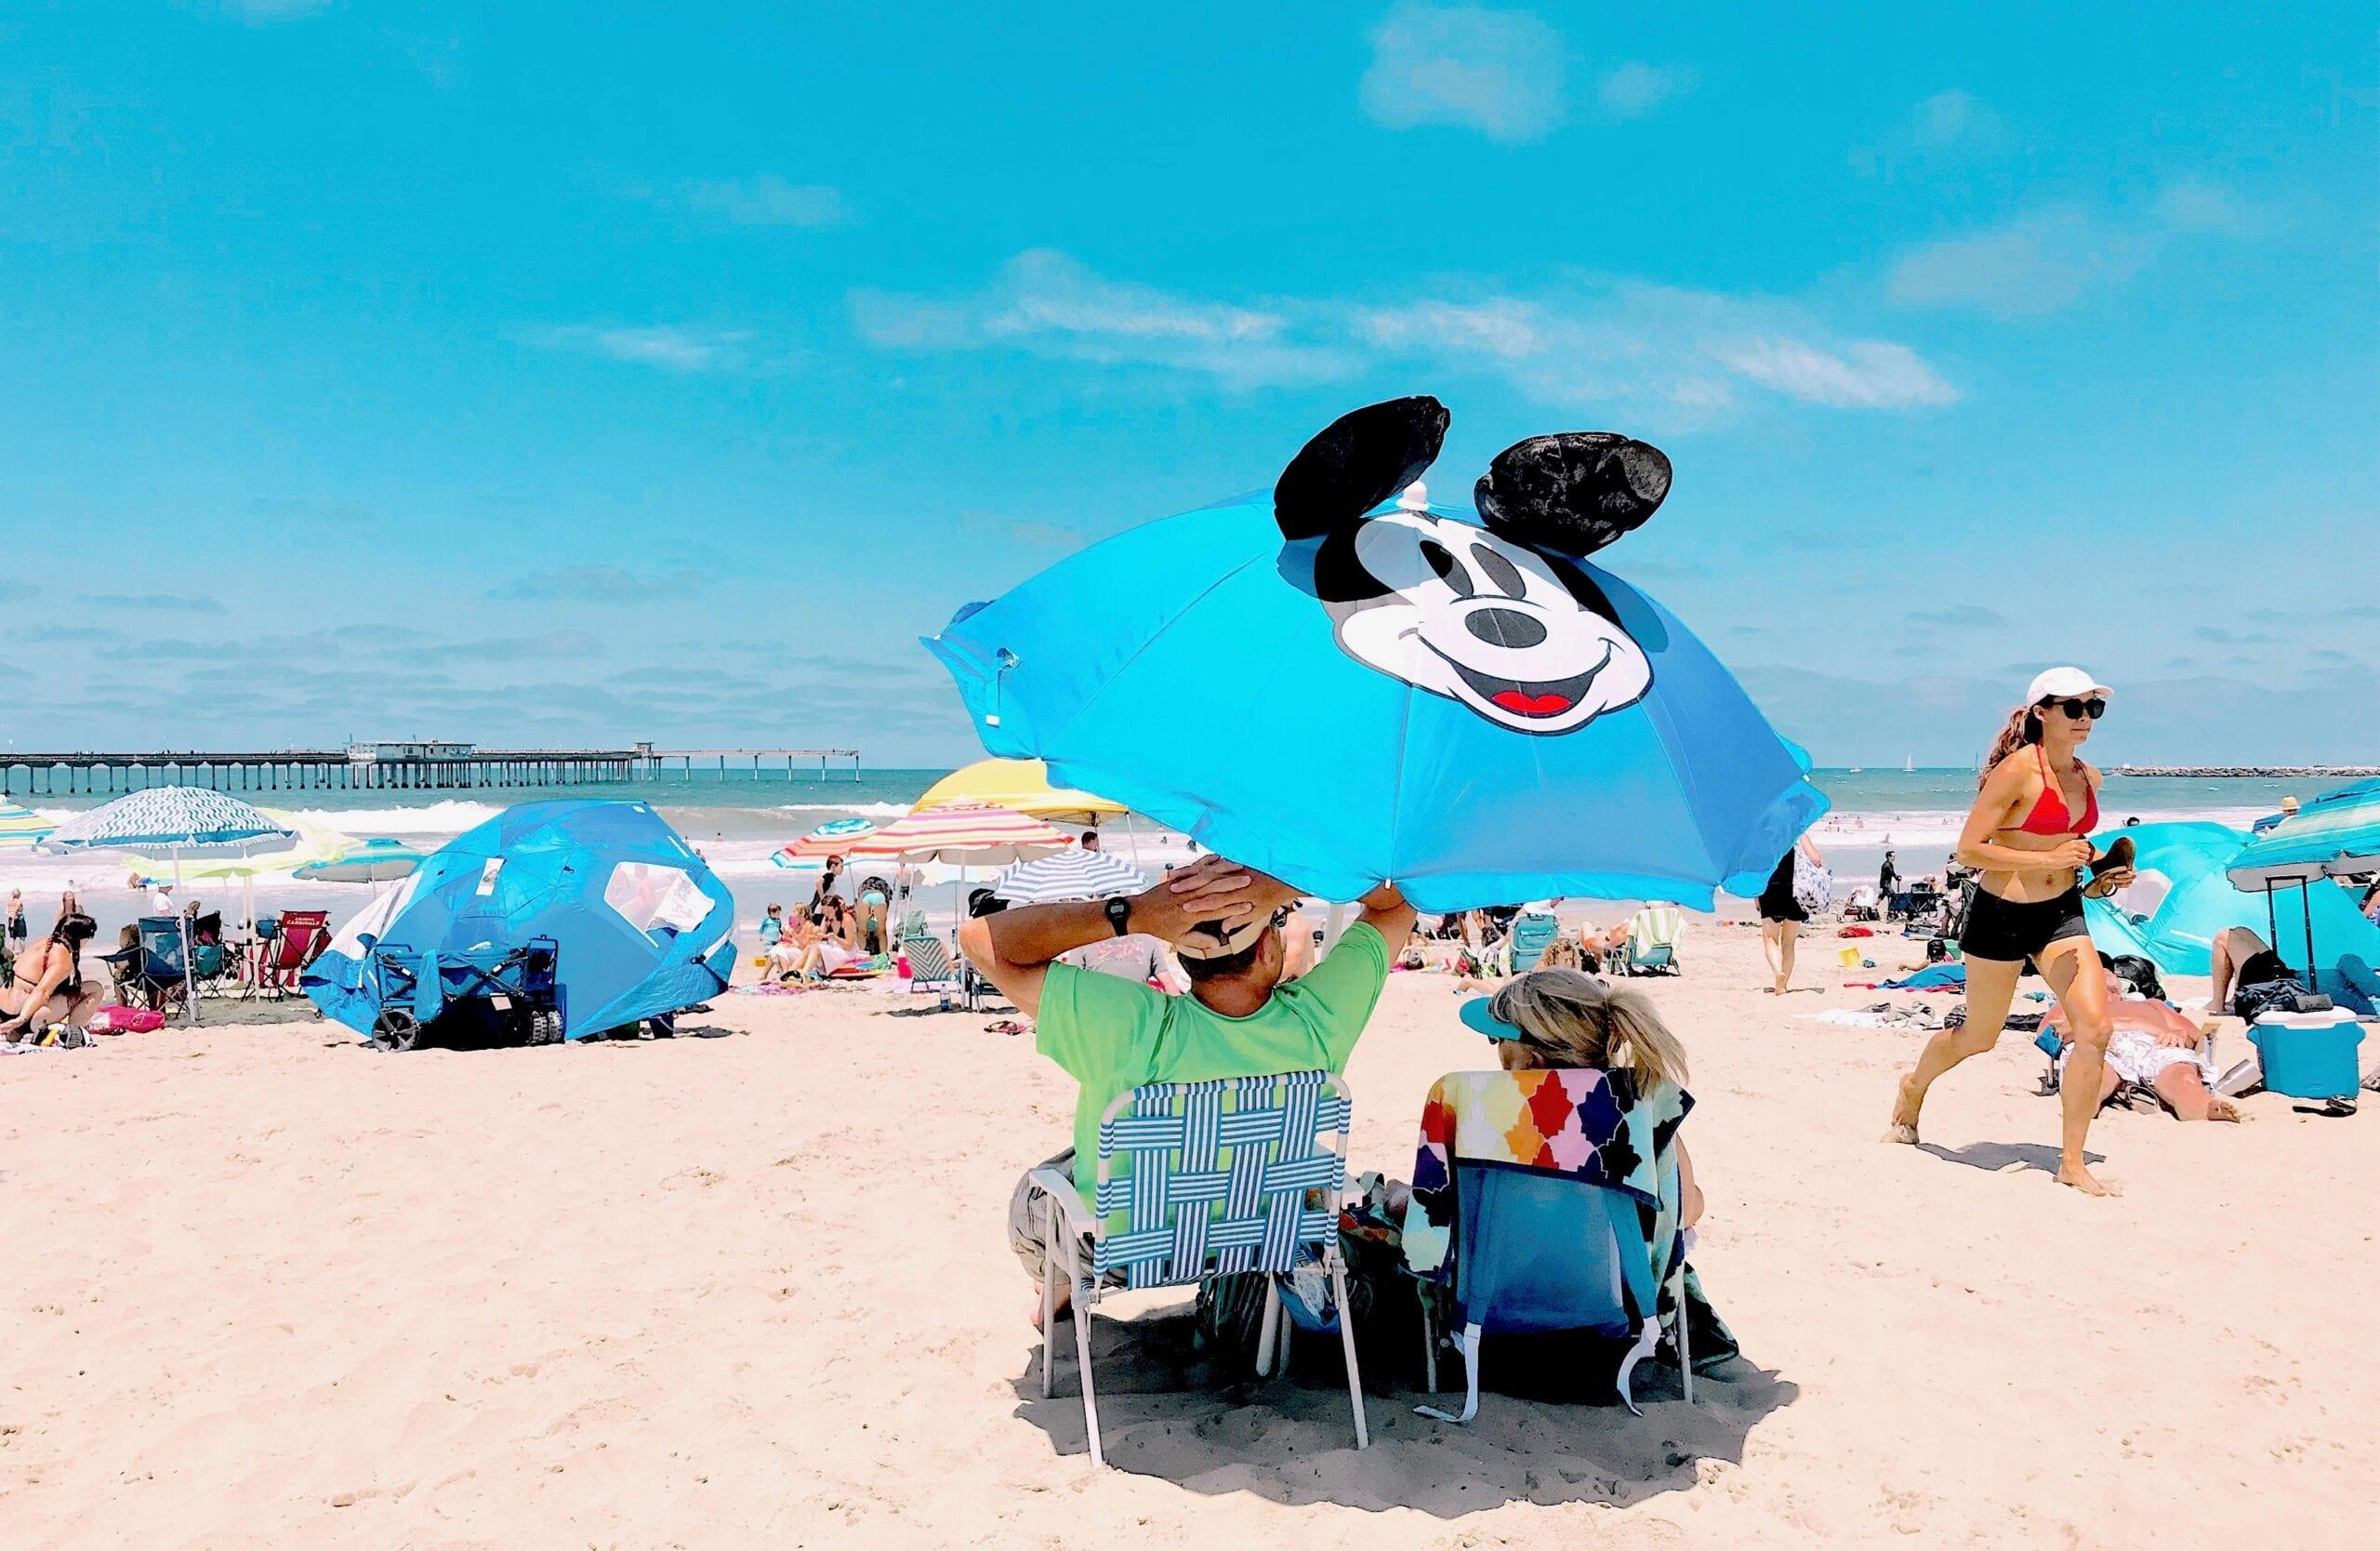 Mickey Mouse Beach Umbrella for Summer